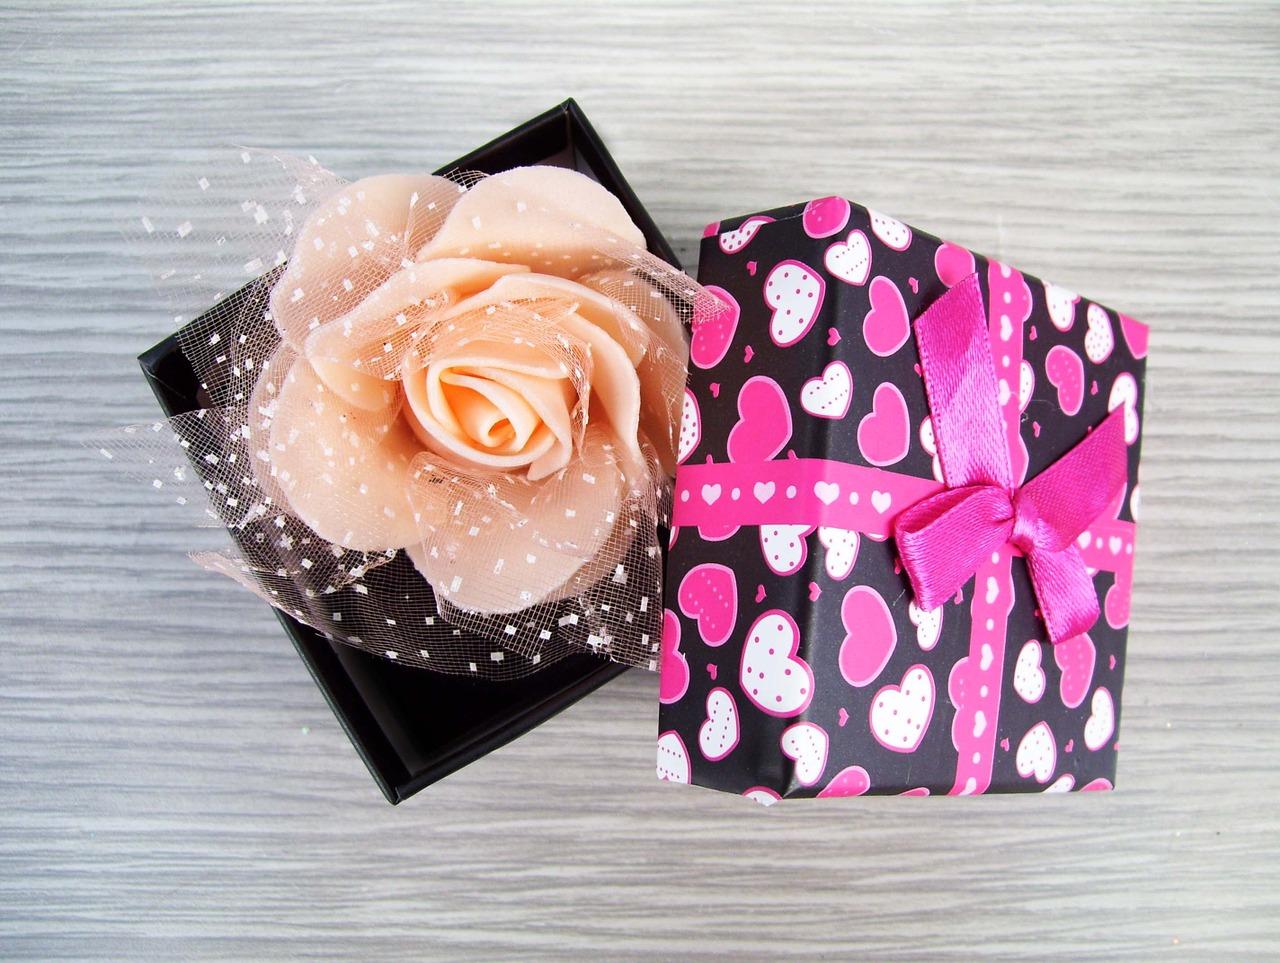 Оригинальный подарок девушке: 10 ярких идей